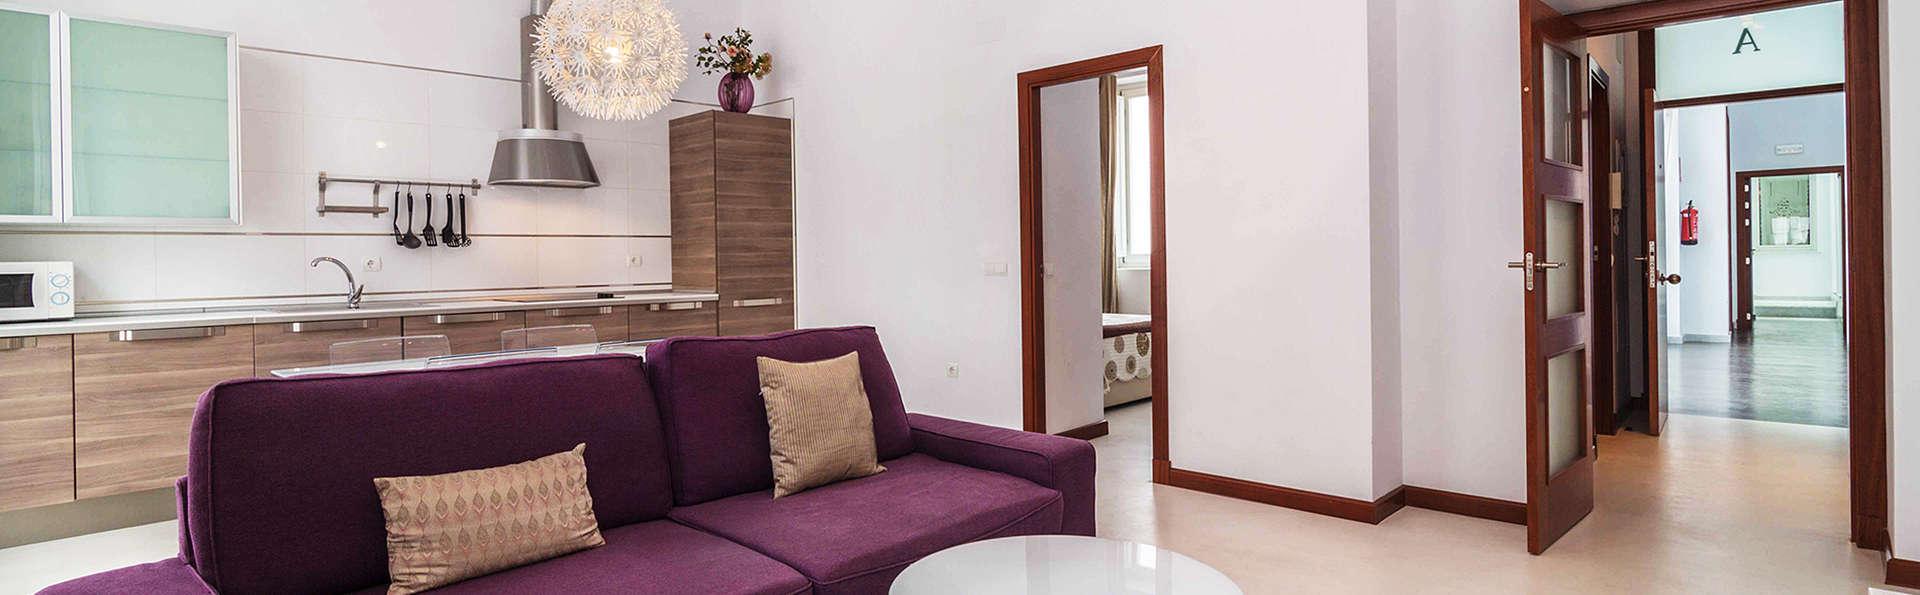 Casa Palacio Cádiz - EDIT_Room2.jpg